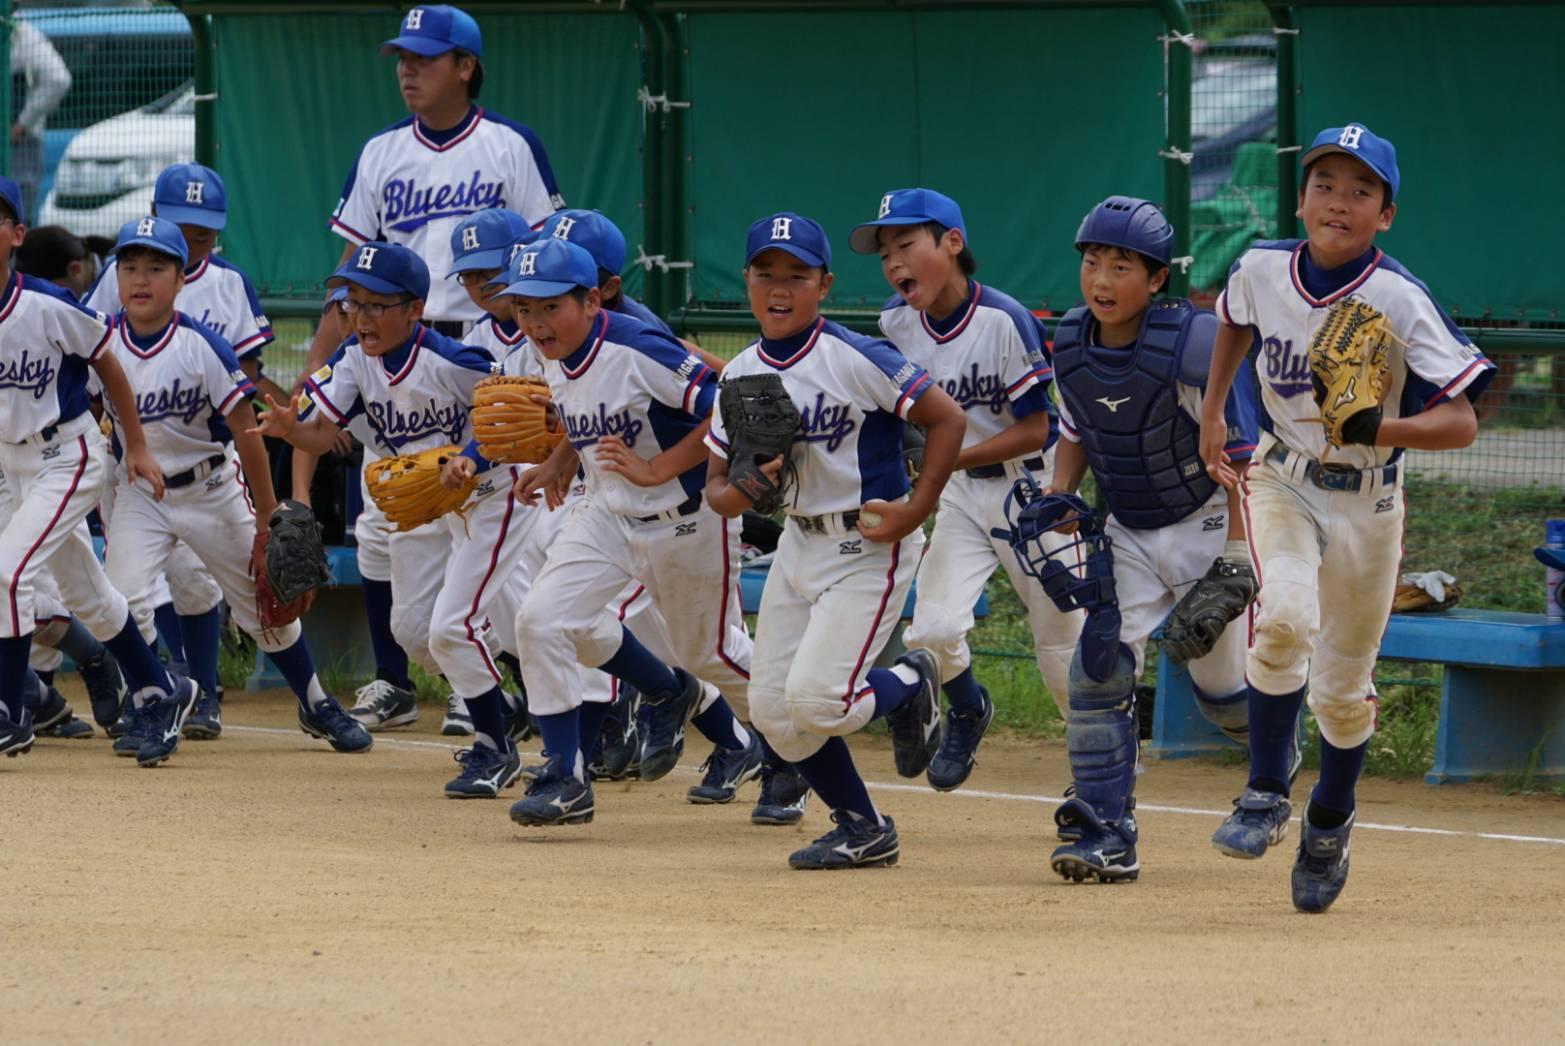 第36回ライオンズクラブ旗争奪長岡市少年野球大会結果です!_b0095176_08592673.jpeg